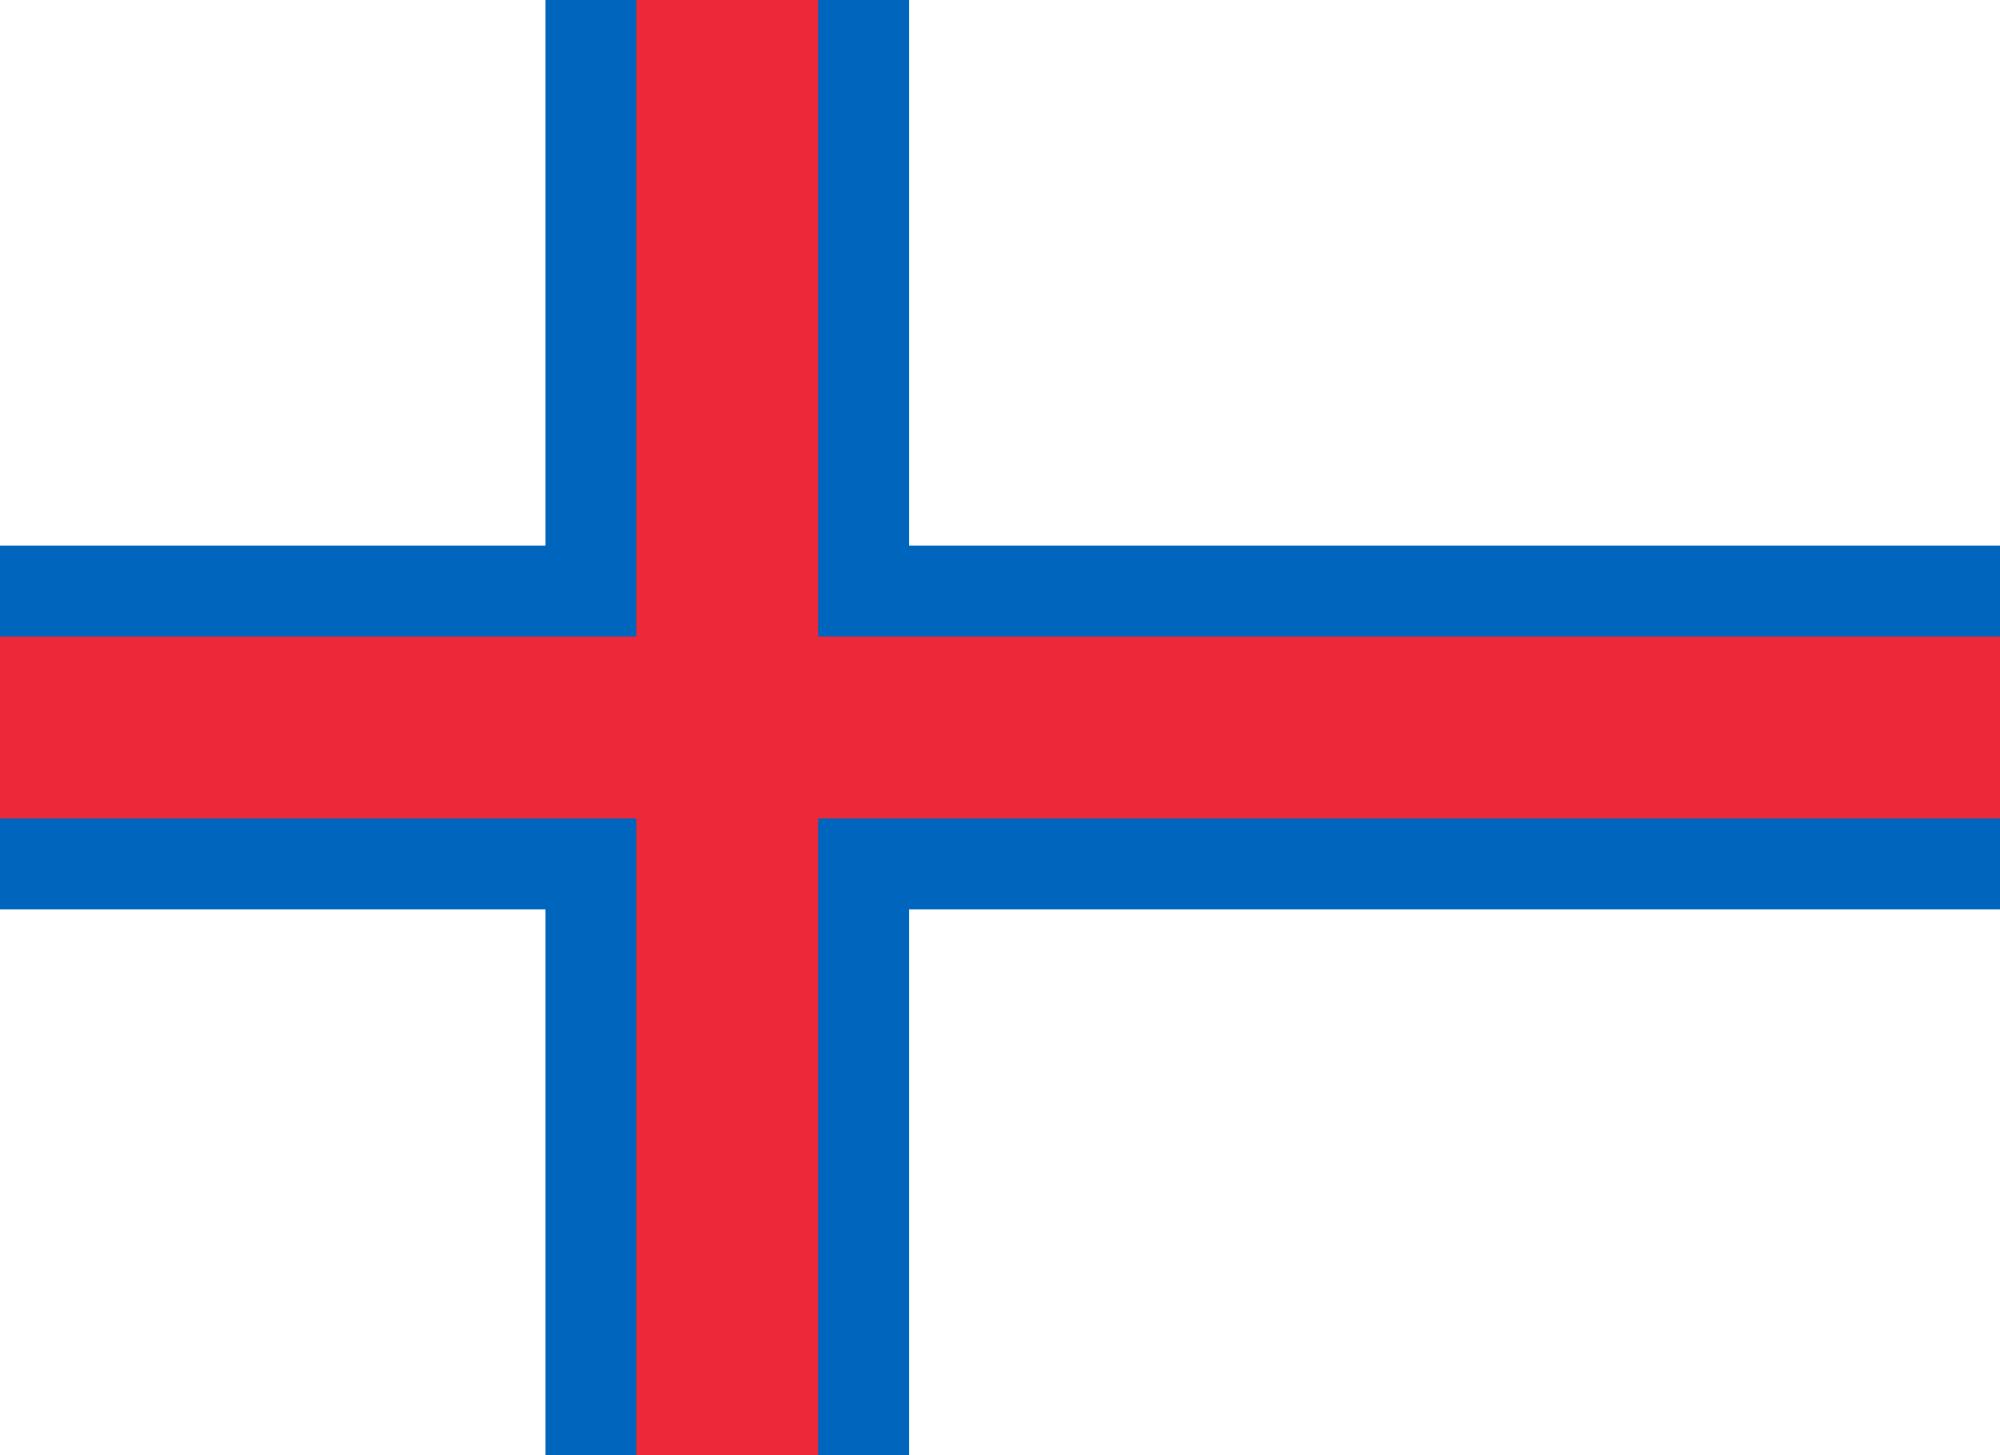 Färöer Inseln, Land, Emblem, Logo, Symbol - Wallpaper HD - Prof.-falken.com